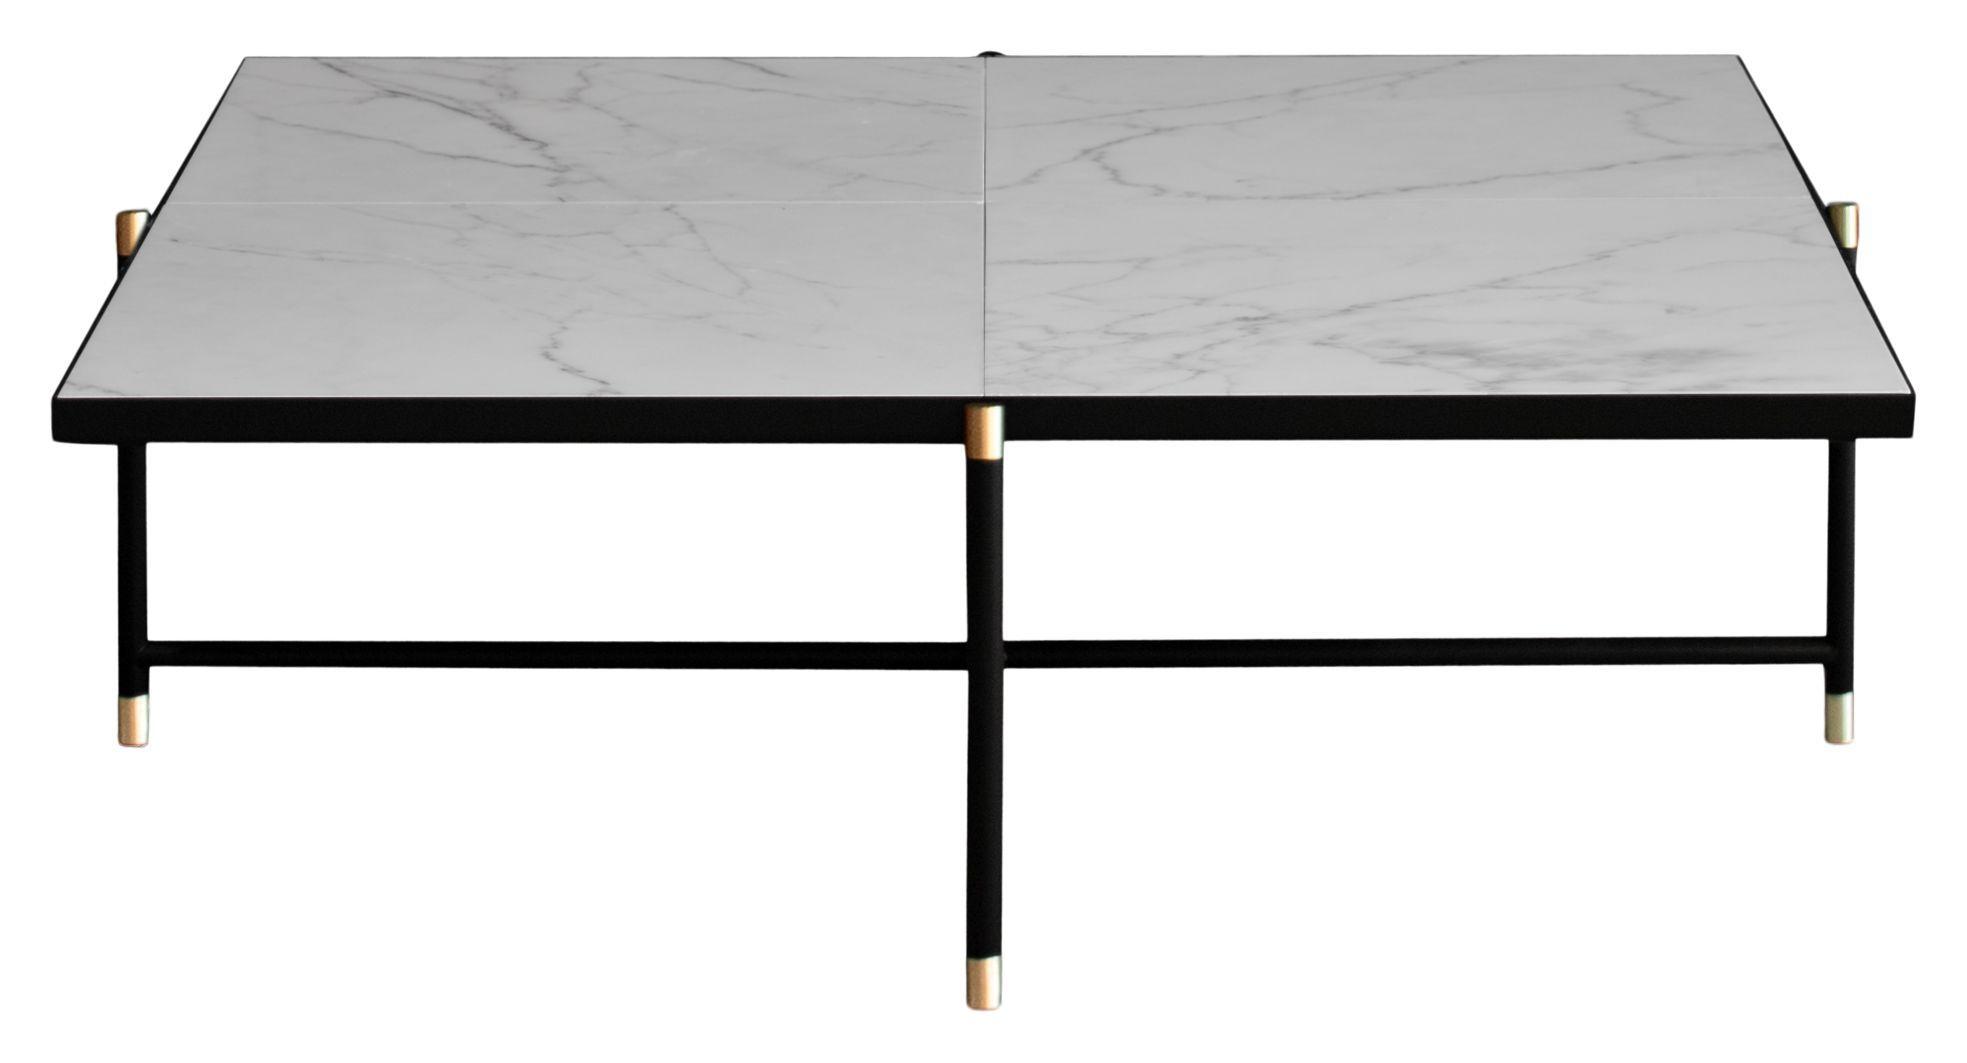 HANDVÄRK Sofabord 92x92 - Hvid Marmor, messing - Hvidt sofabord med messing